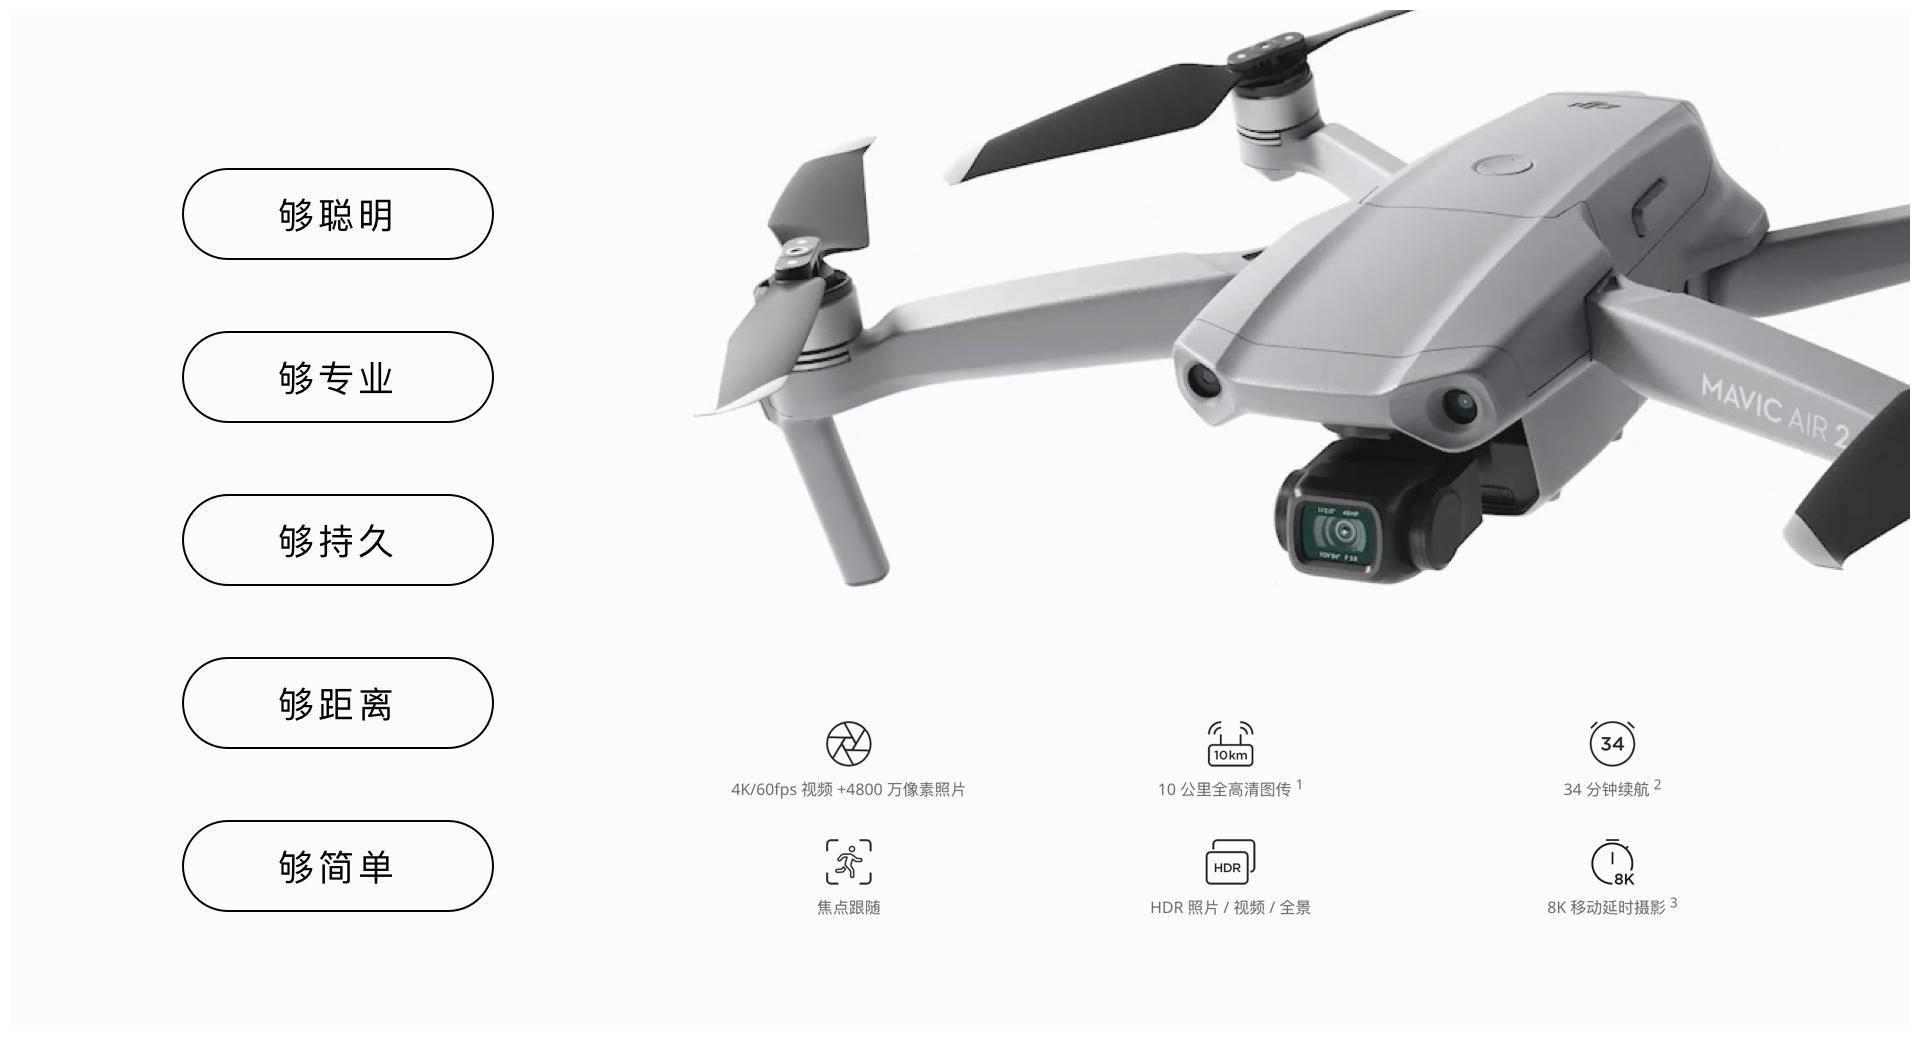 人人都能拍大片的无人机 – 大疆御 Mavic Air 2 评测